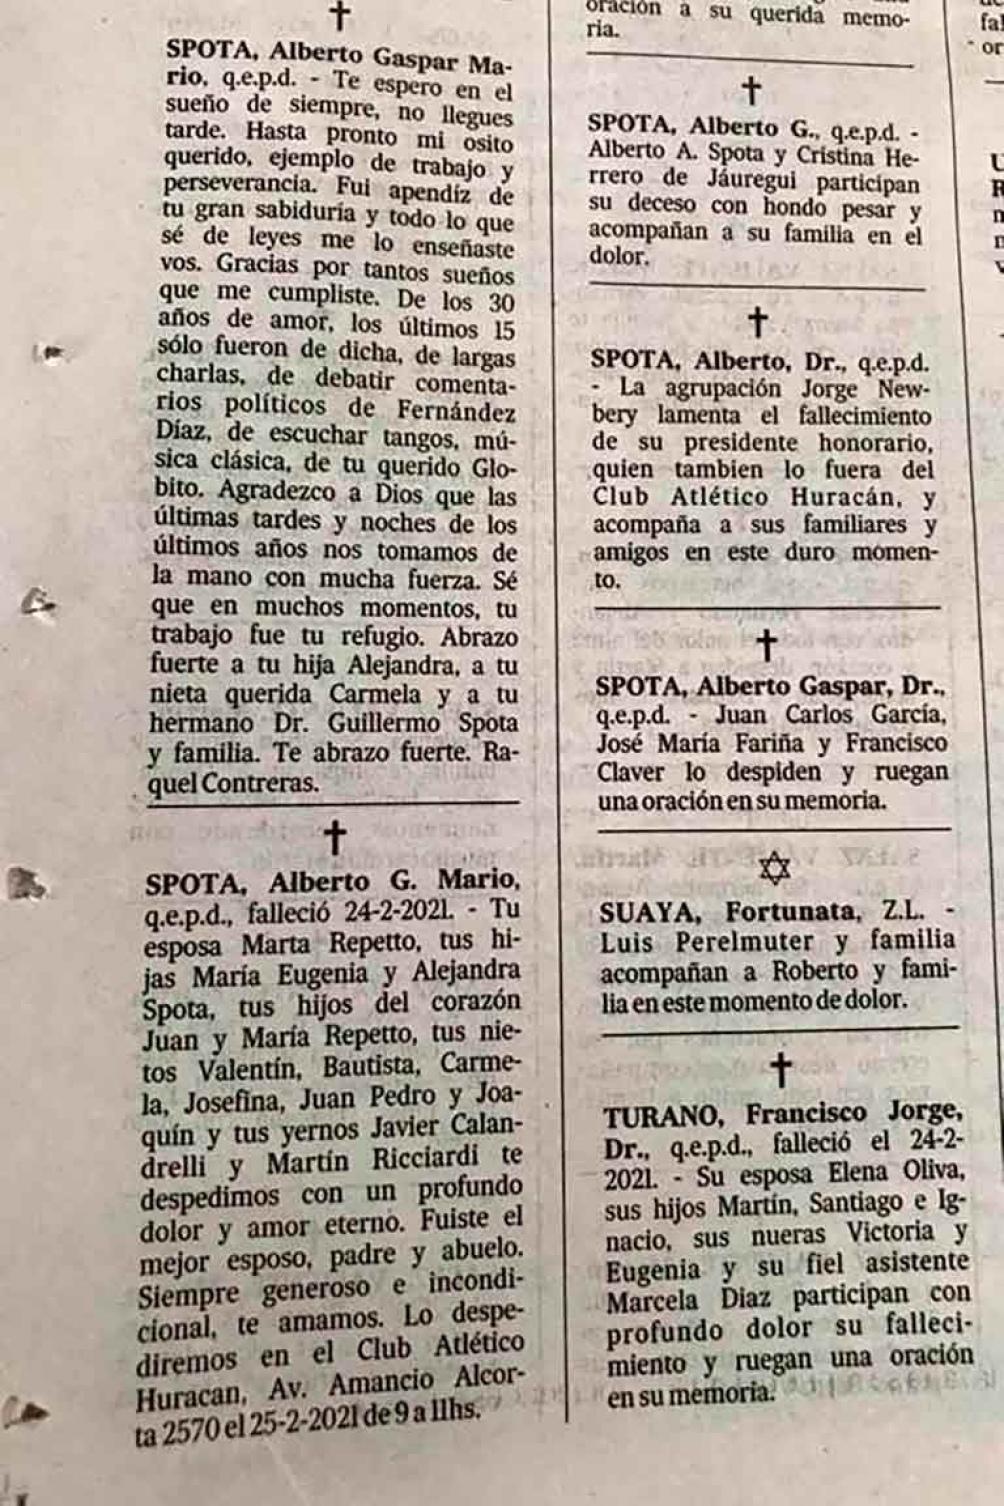 El aviso fúnebre publicado en La Nación, con los mensajes a Spota de su esposa y Raquel Contreras